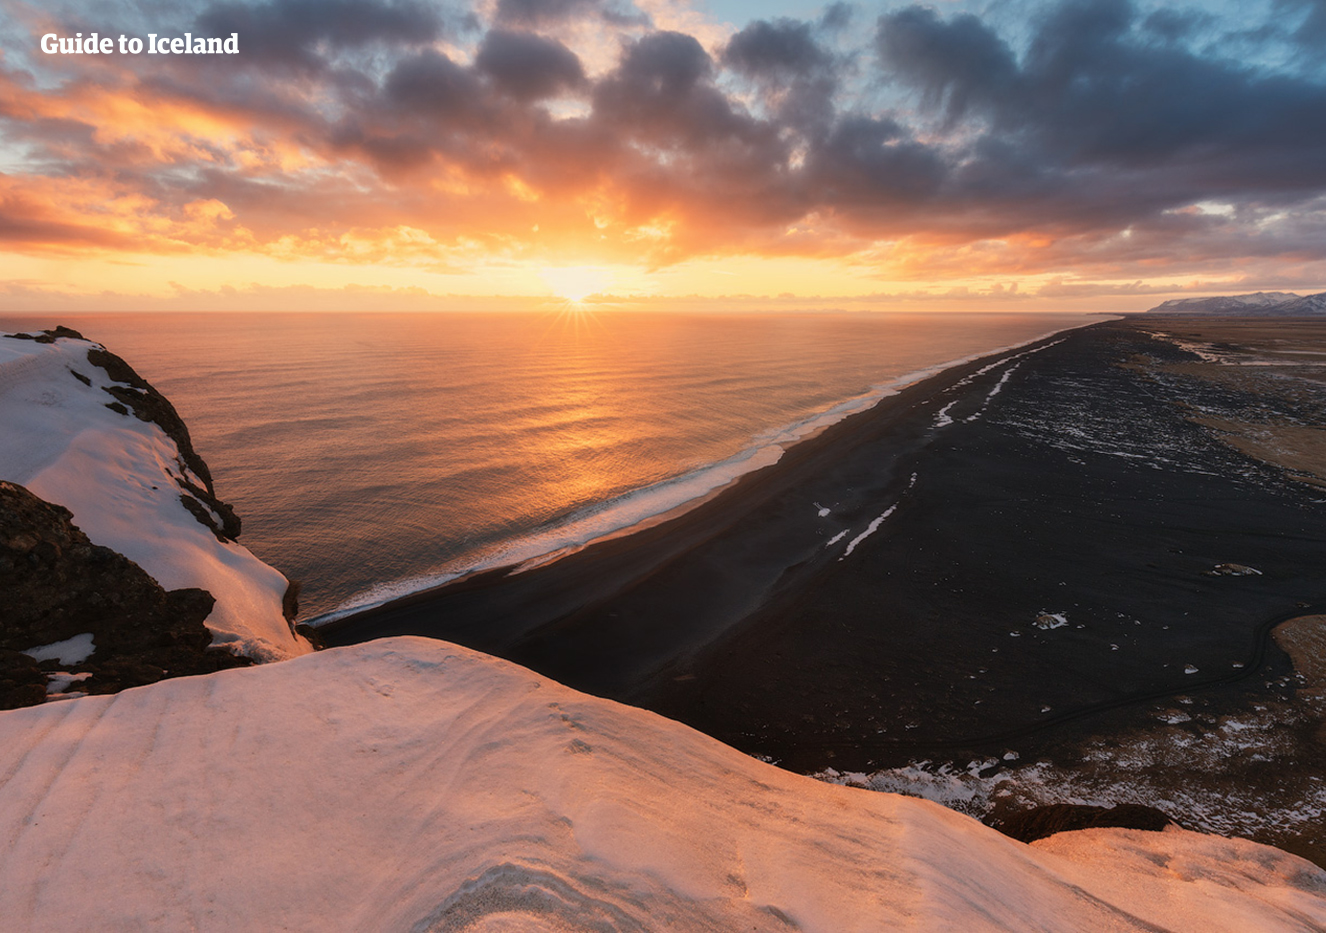 Relaksująca 11-dniowa, zimowa wycieczka z własnym samochodem po południowym wybrzeżu Islandii i Snaefellsnes - day 9